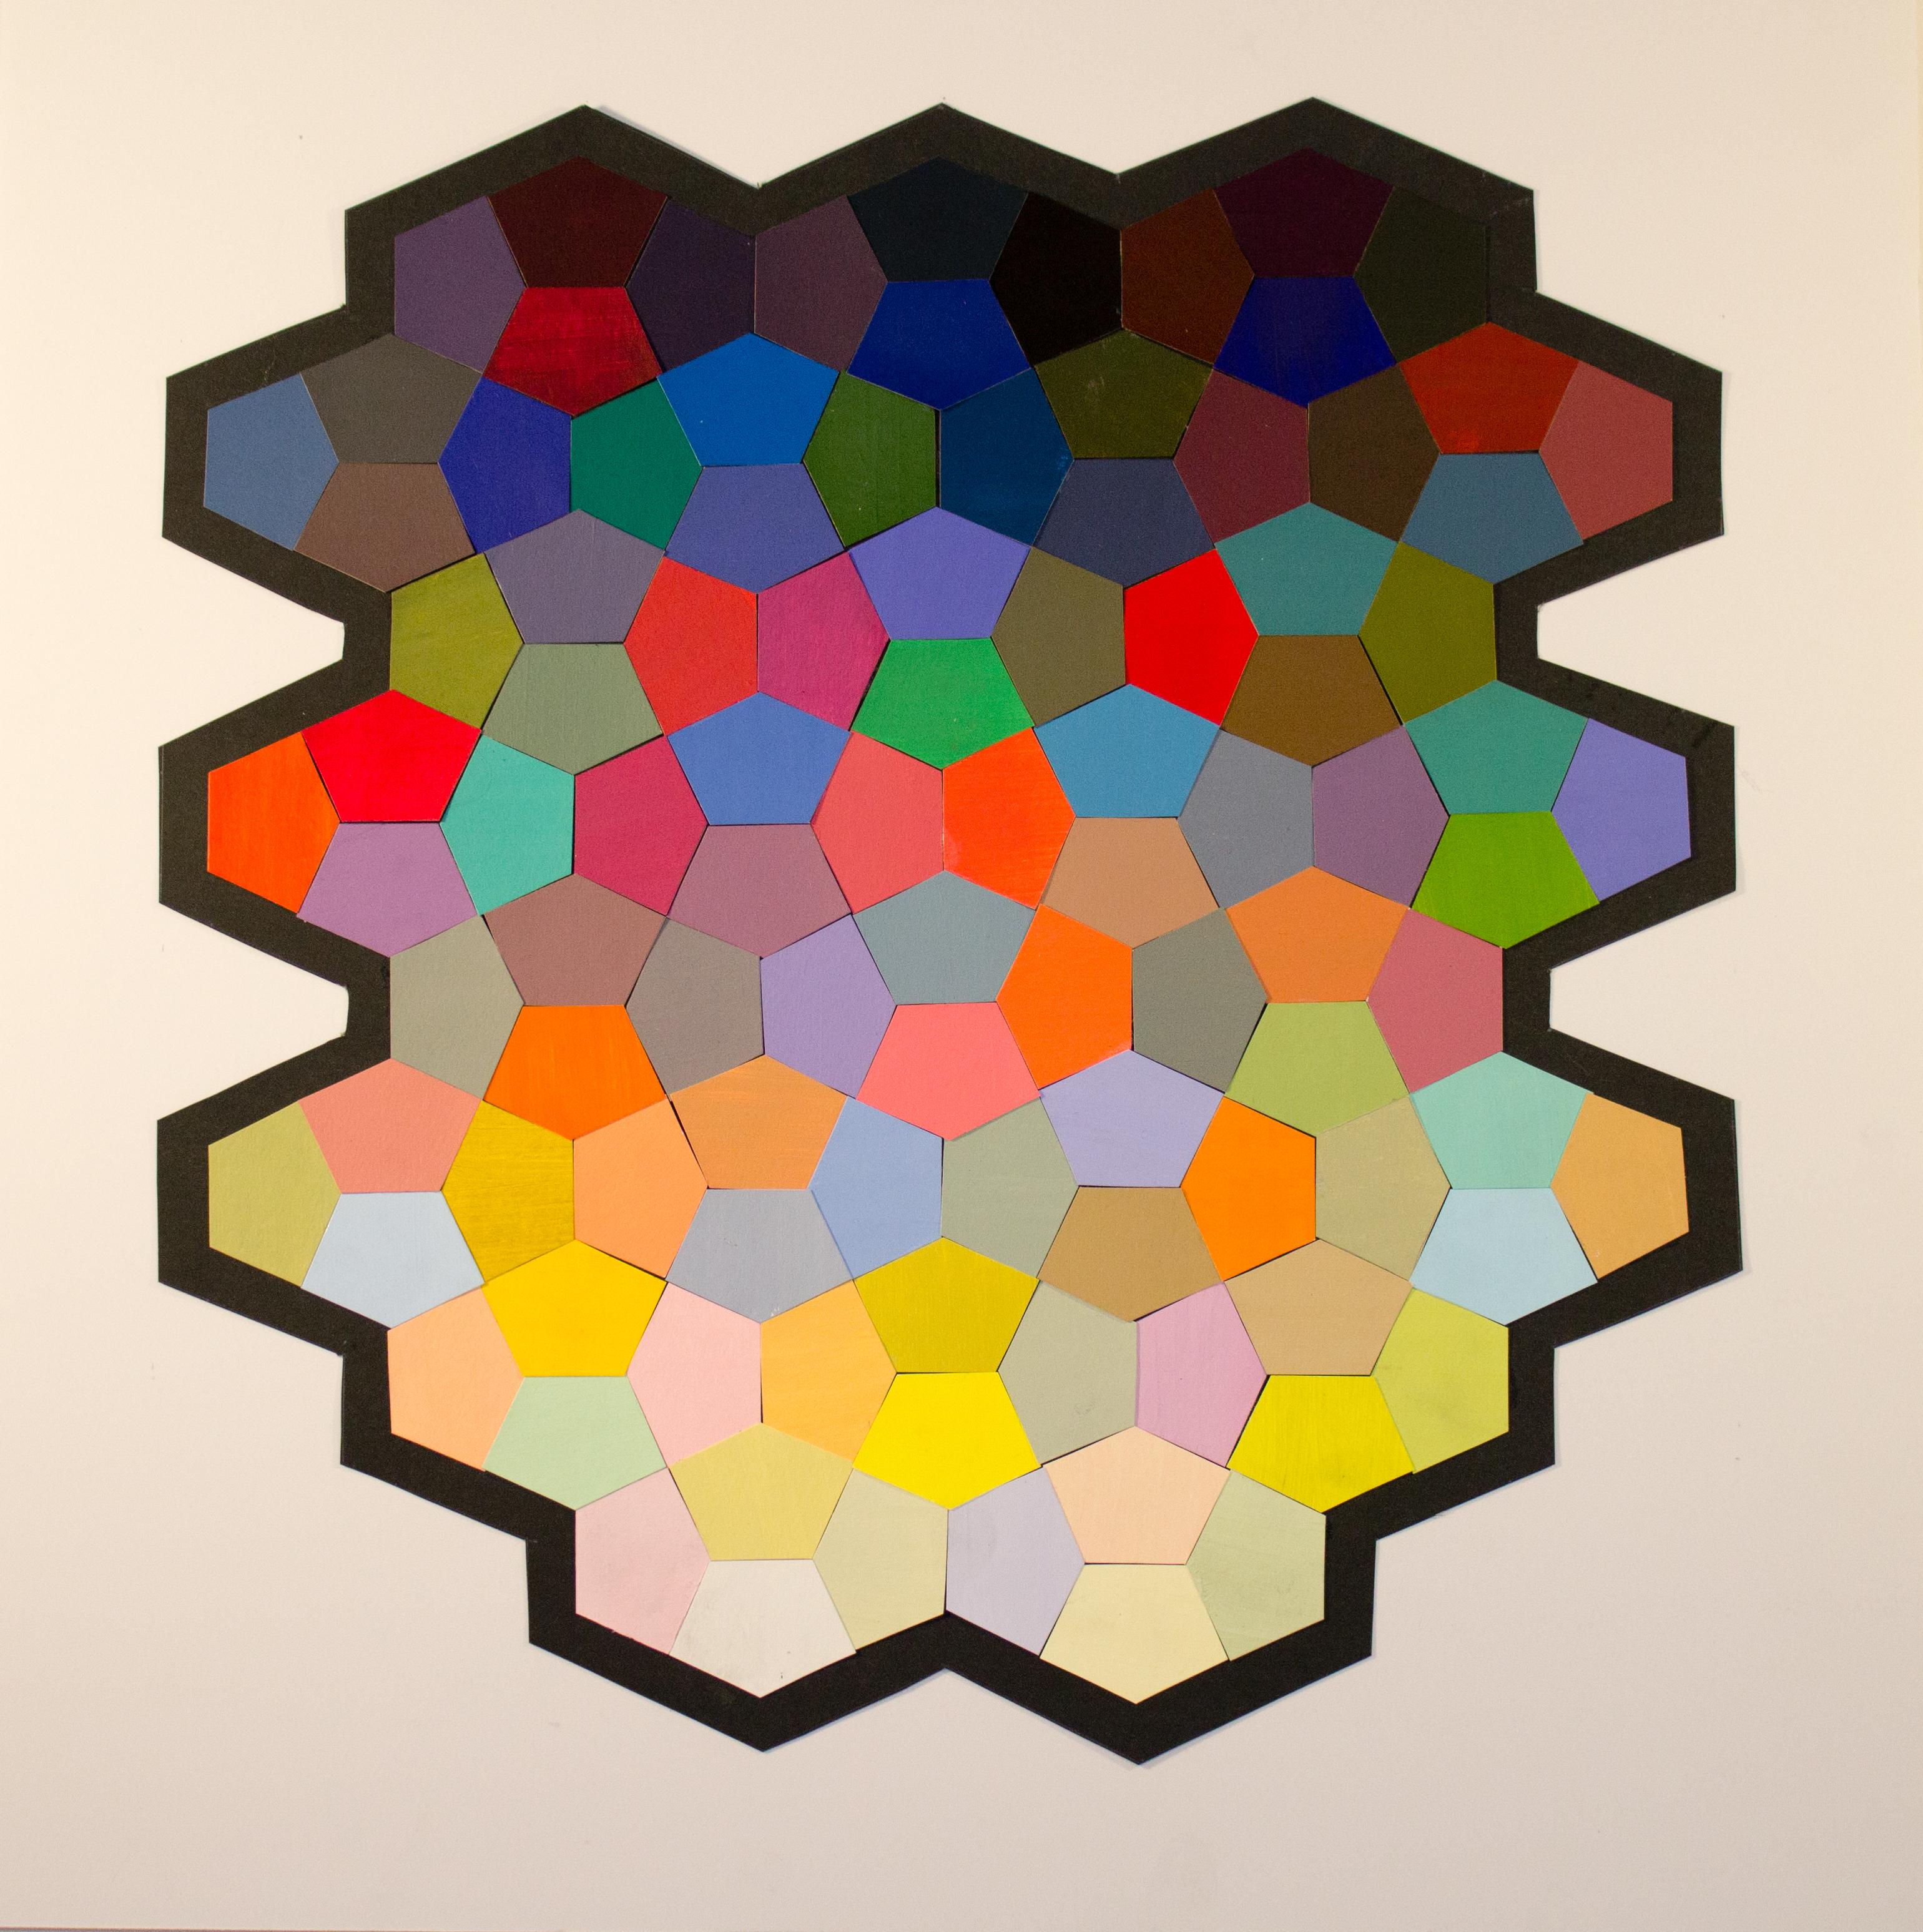 Color arrangement